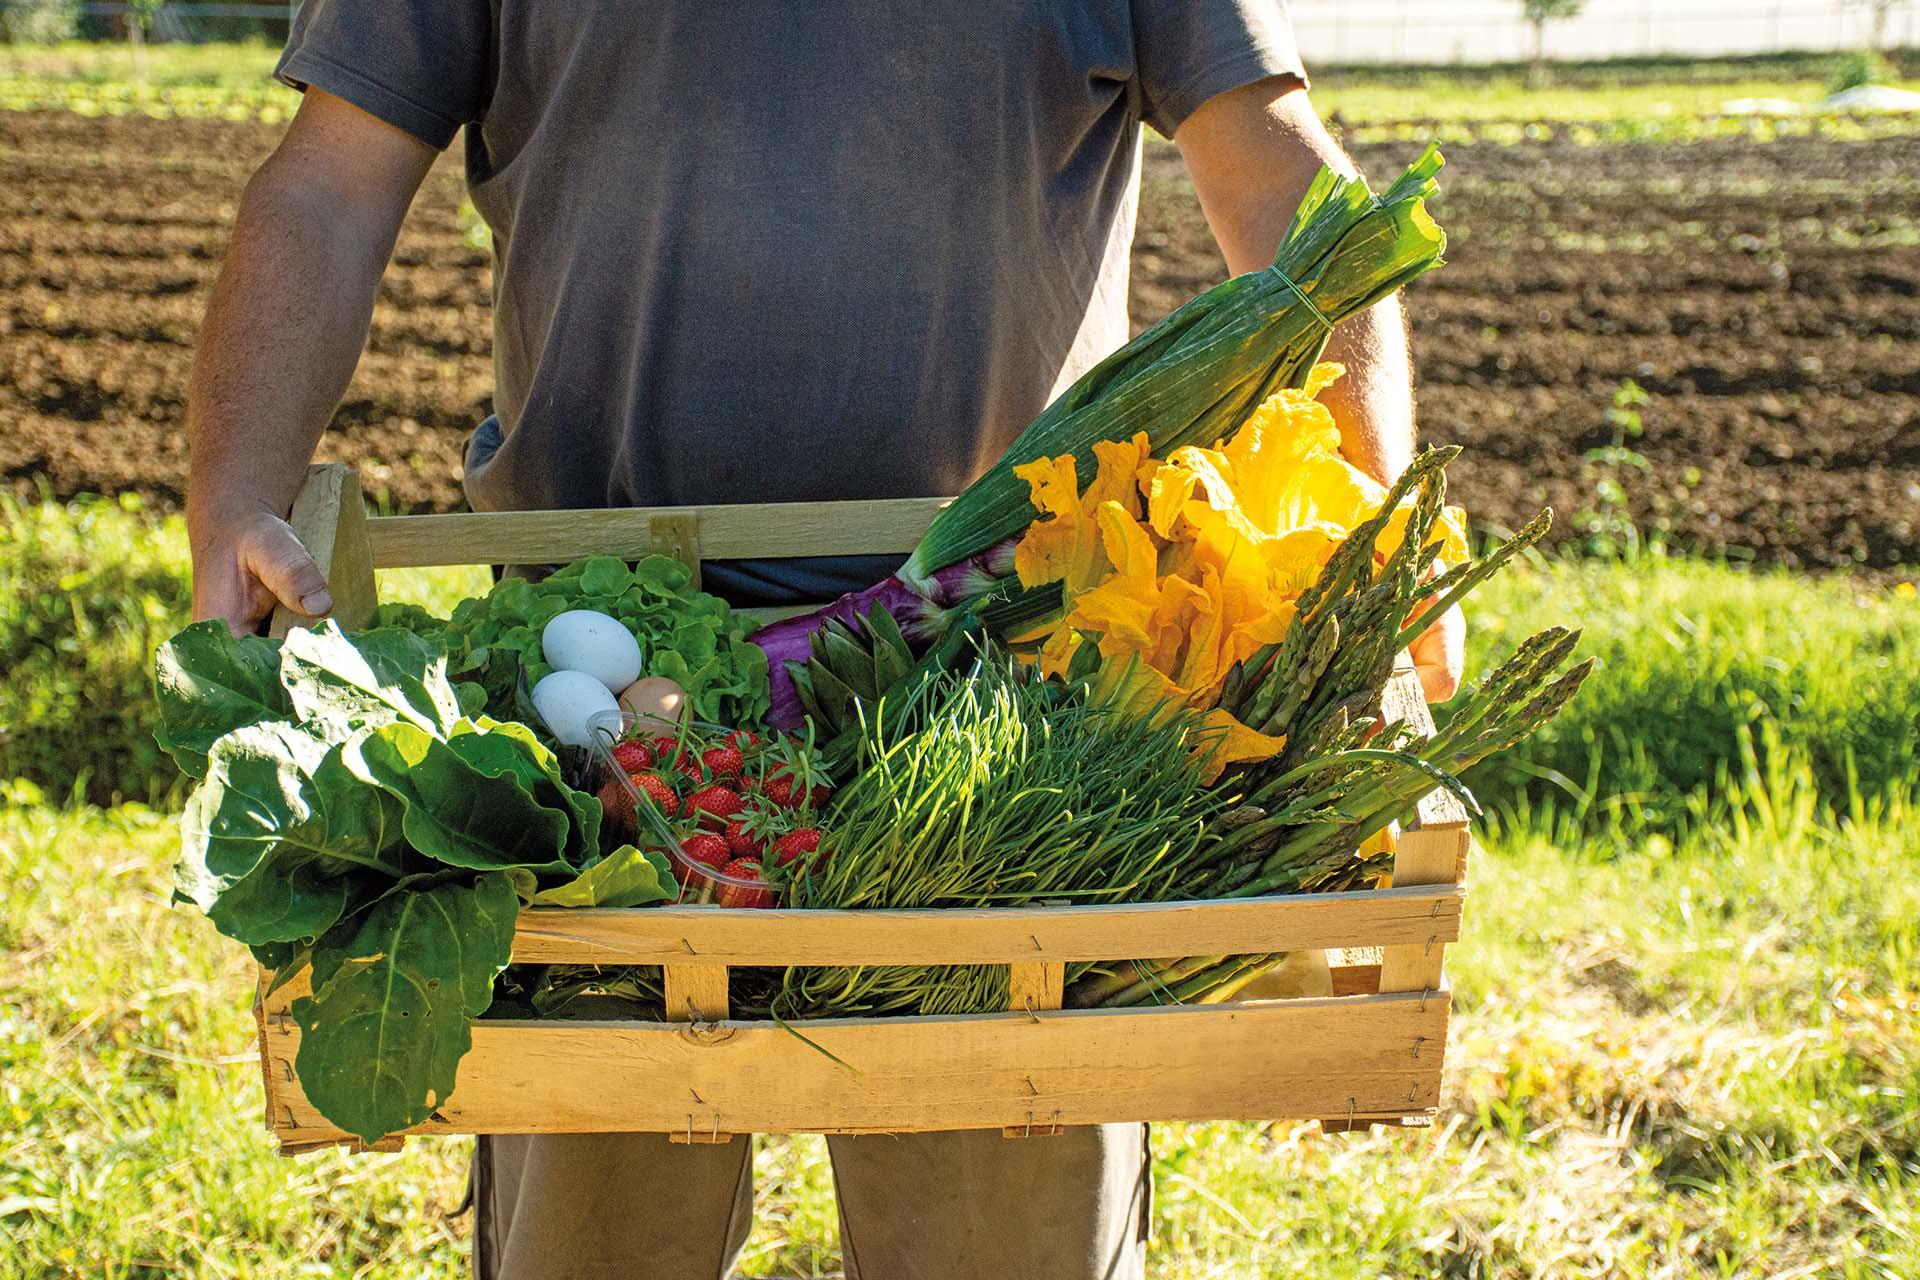 Vendita diretta. Cia Toscana Centro: sempre più famiglie comprano dagli agricoltori (+10%)